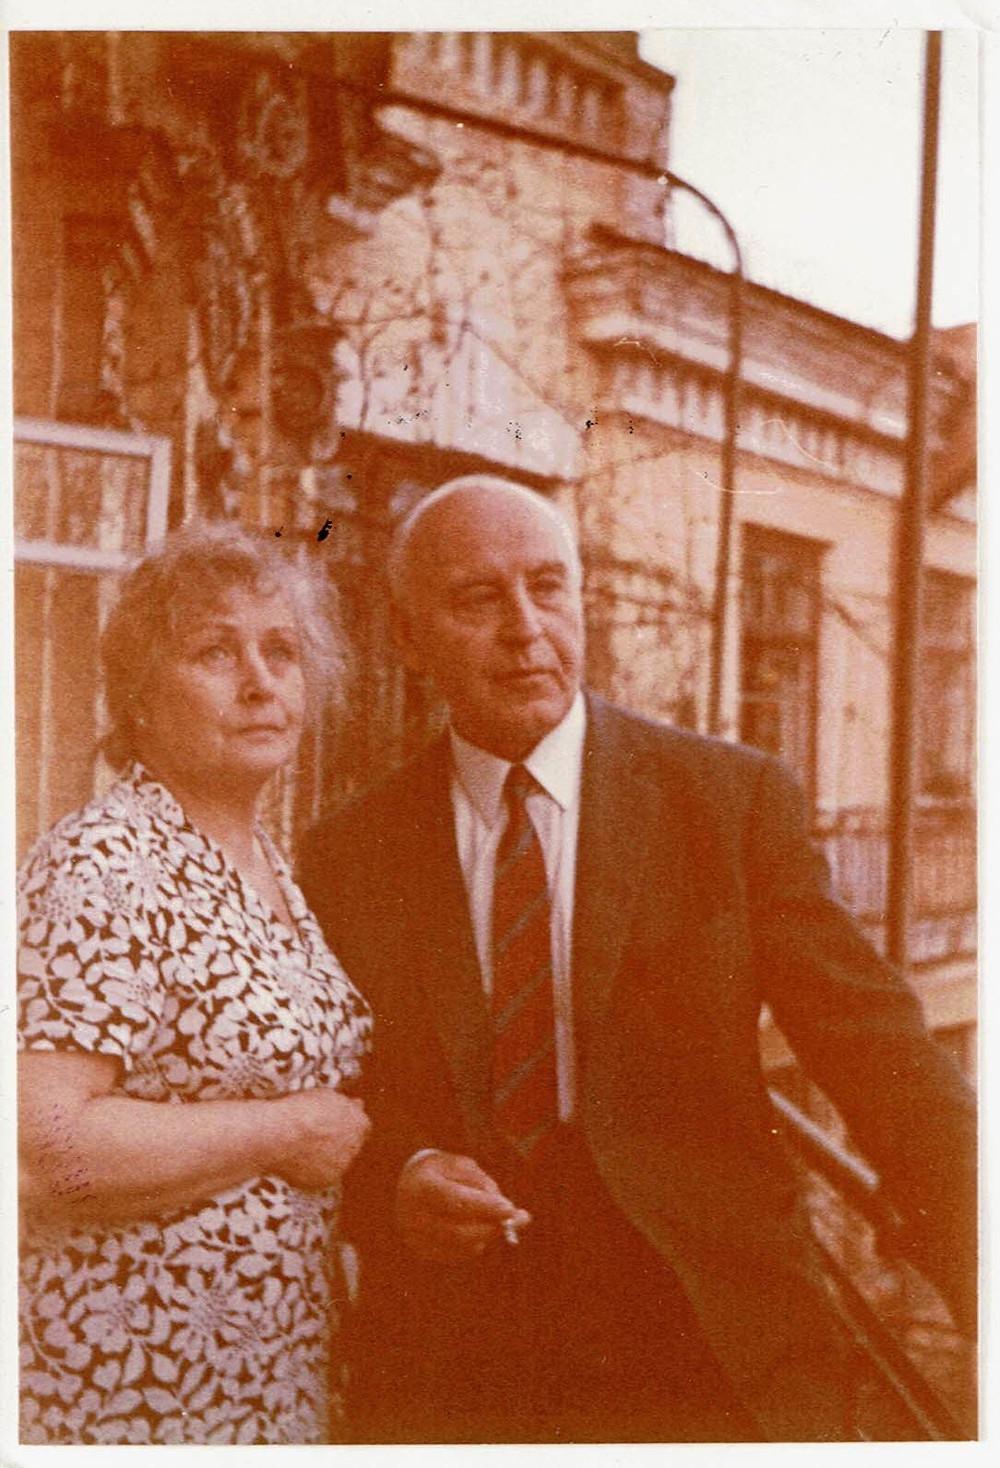 Mila et son frère Vladimir (le père d'Anne Hogenhuis) à Kiev dans les années 1960. Ils ne s'étaient pas revus depuis 1918.